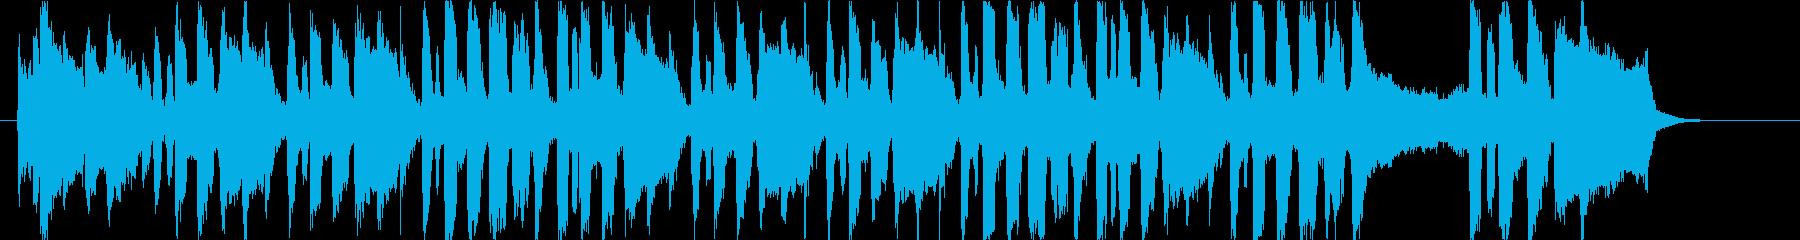 誕生日の歌(ワルツver) 【ヒマリ】の再生済みの波形